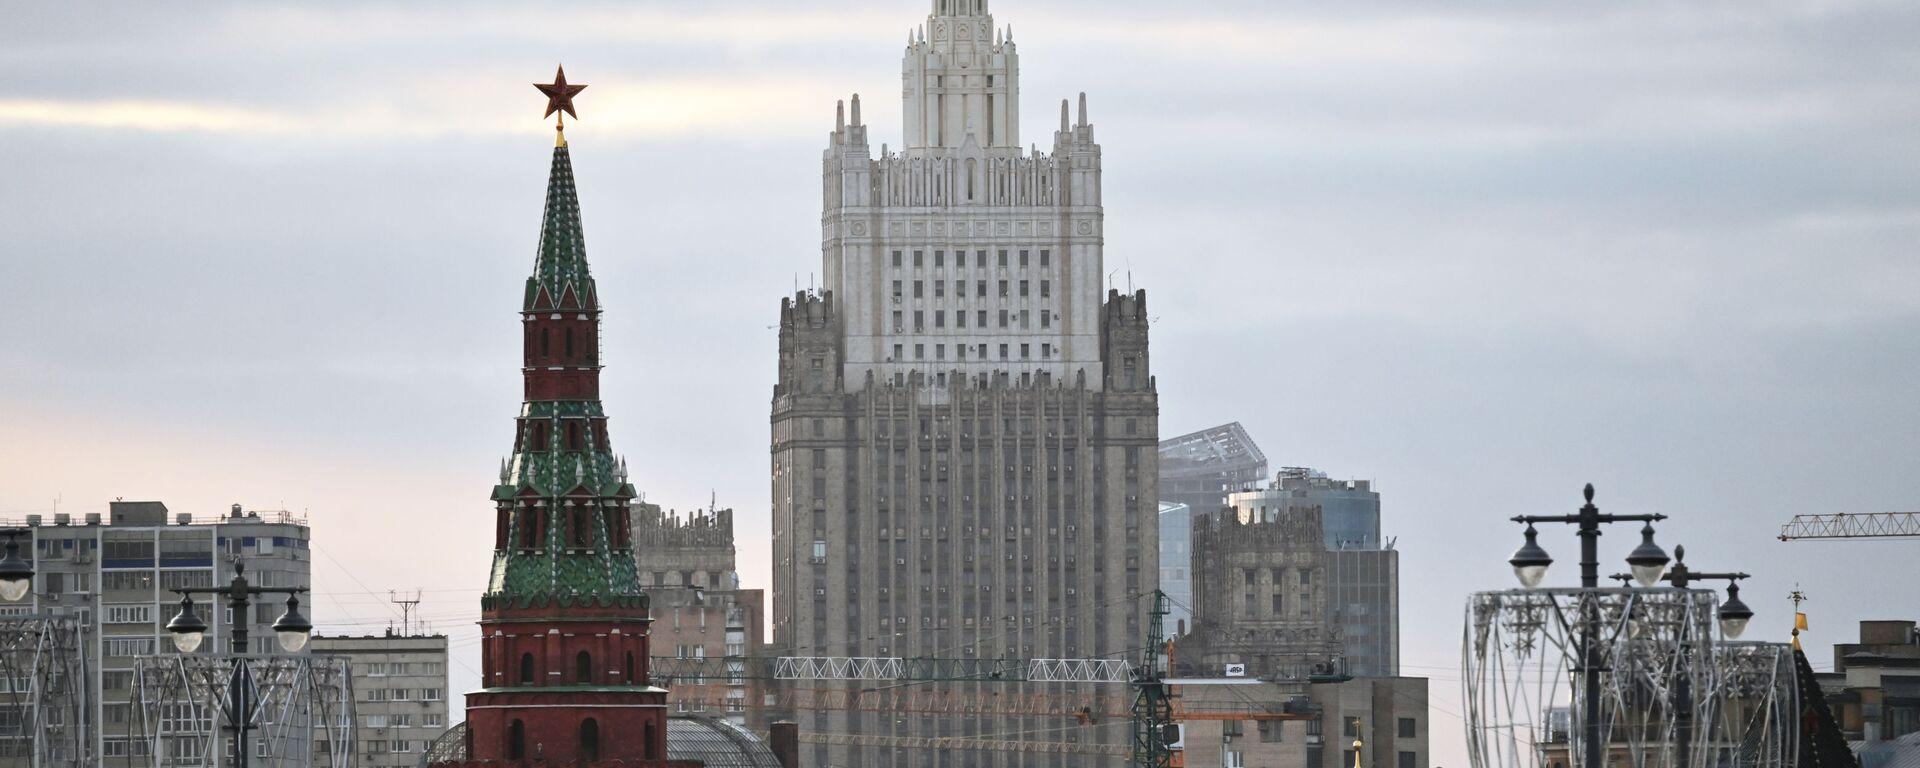 El edificio del Ministerio de Asuntos Exteriores ruso y una de las torres del Kremlin - Sputnik Mundo, 1920, 20.04.2021